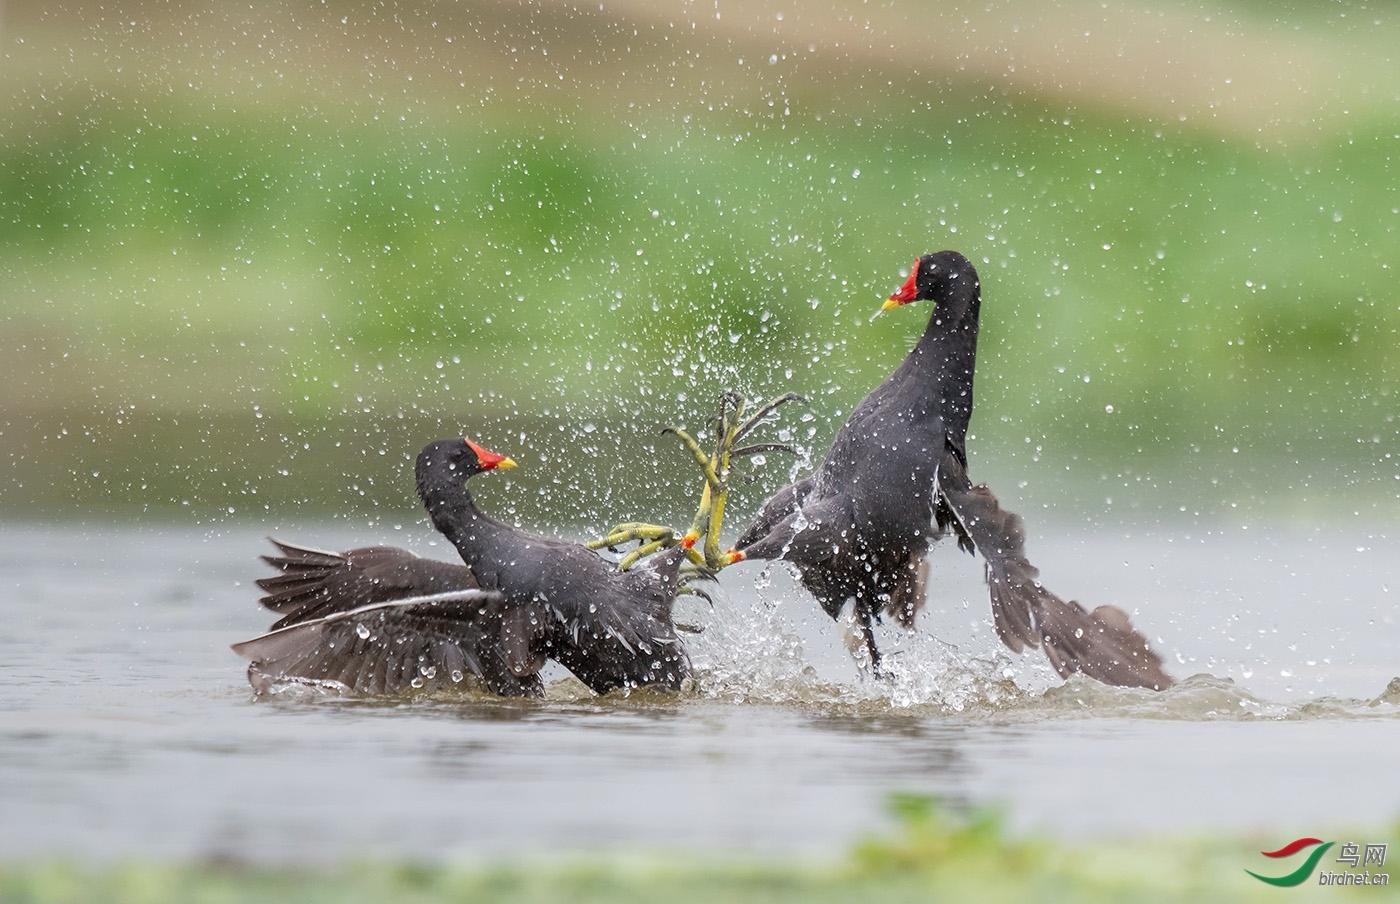 早起的小鸟20201498.战斗的黑水鸡.jpg